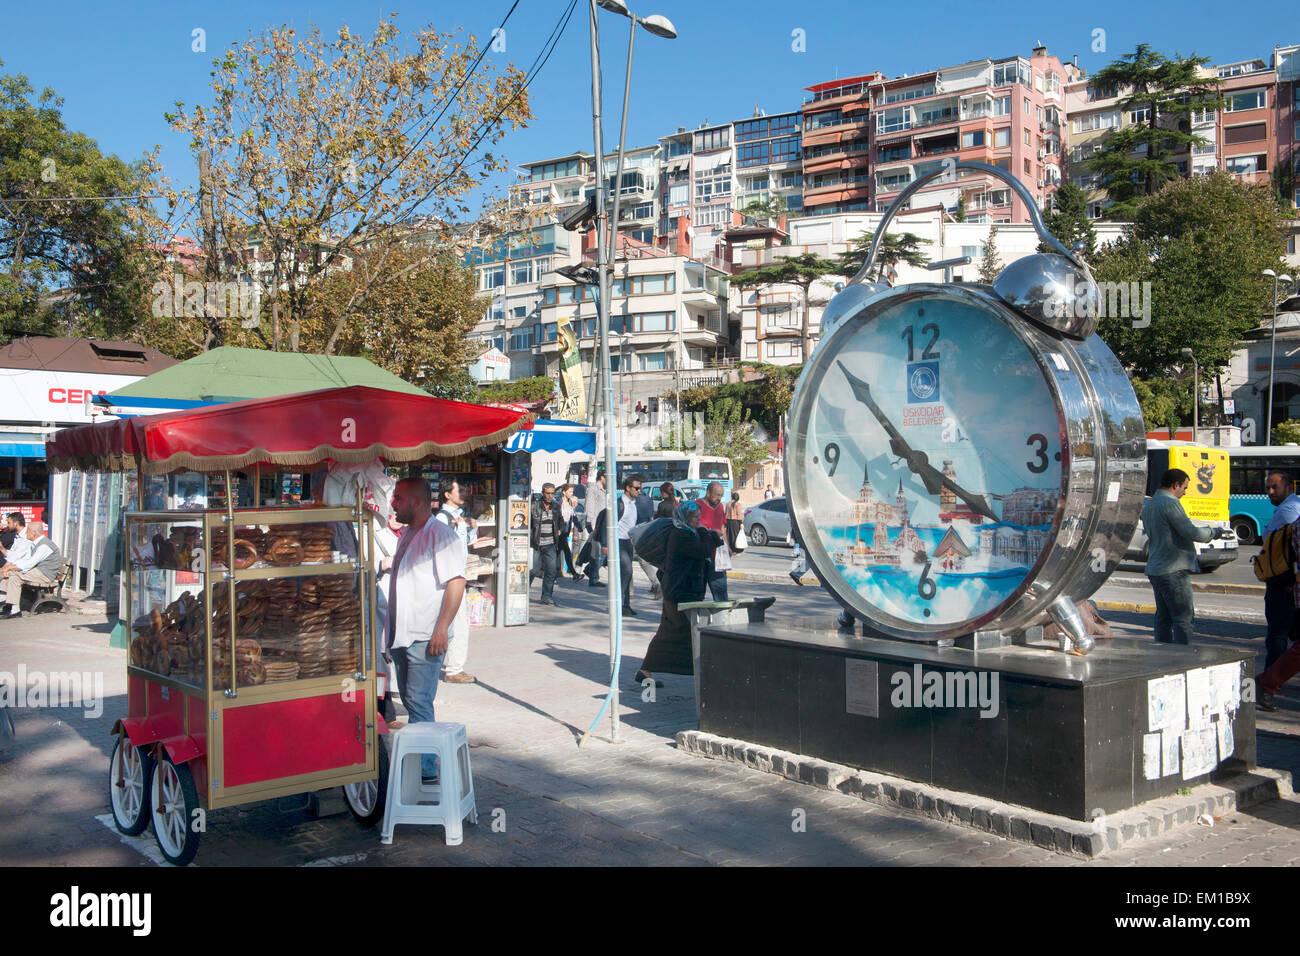 Türkei, Istanbul, Üsküdar, am Fähranleger (Iskele) - Stock Image